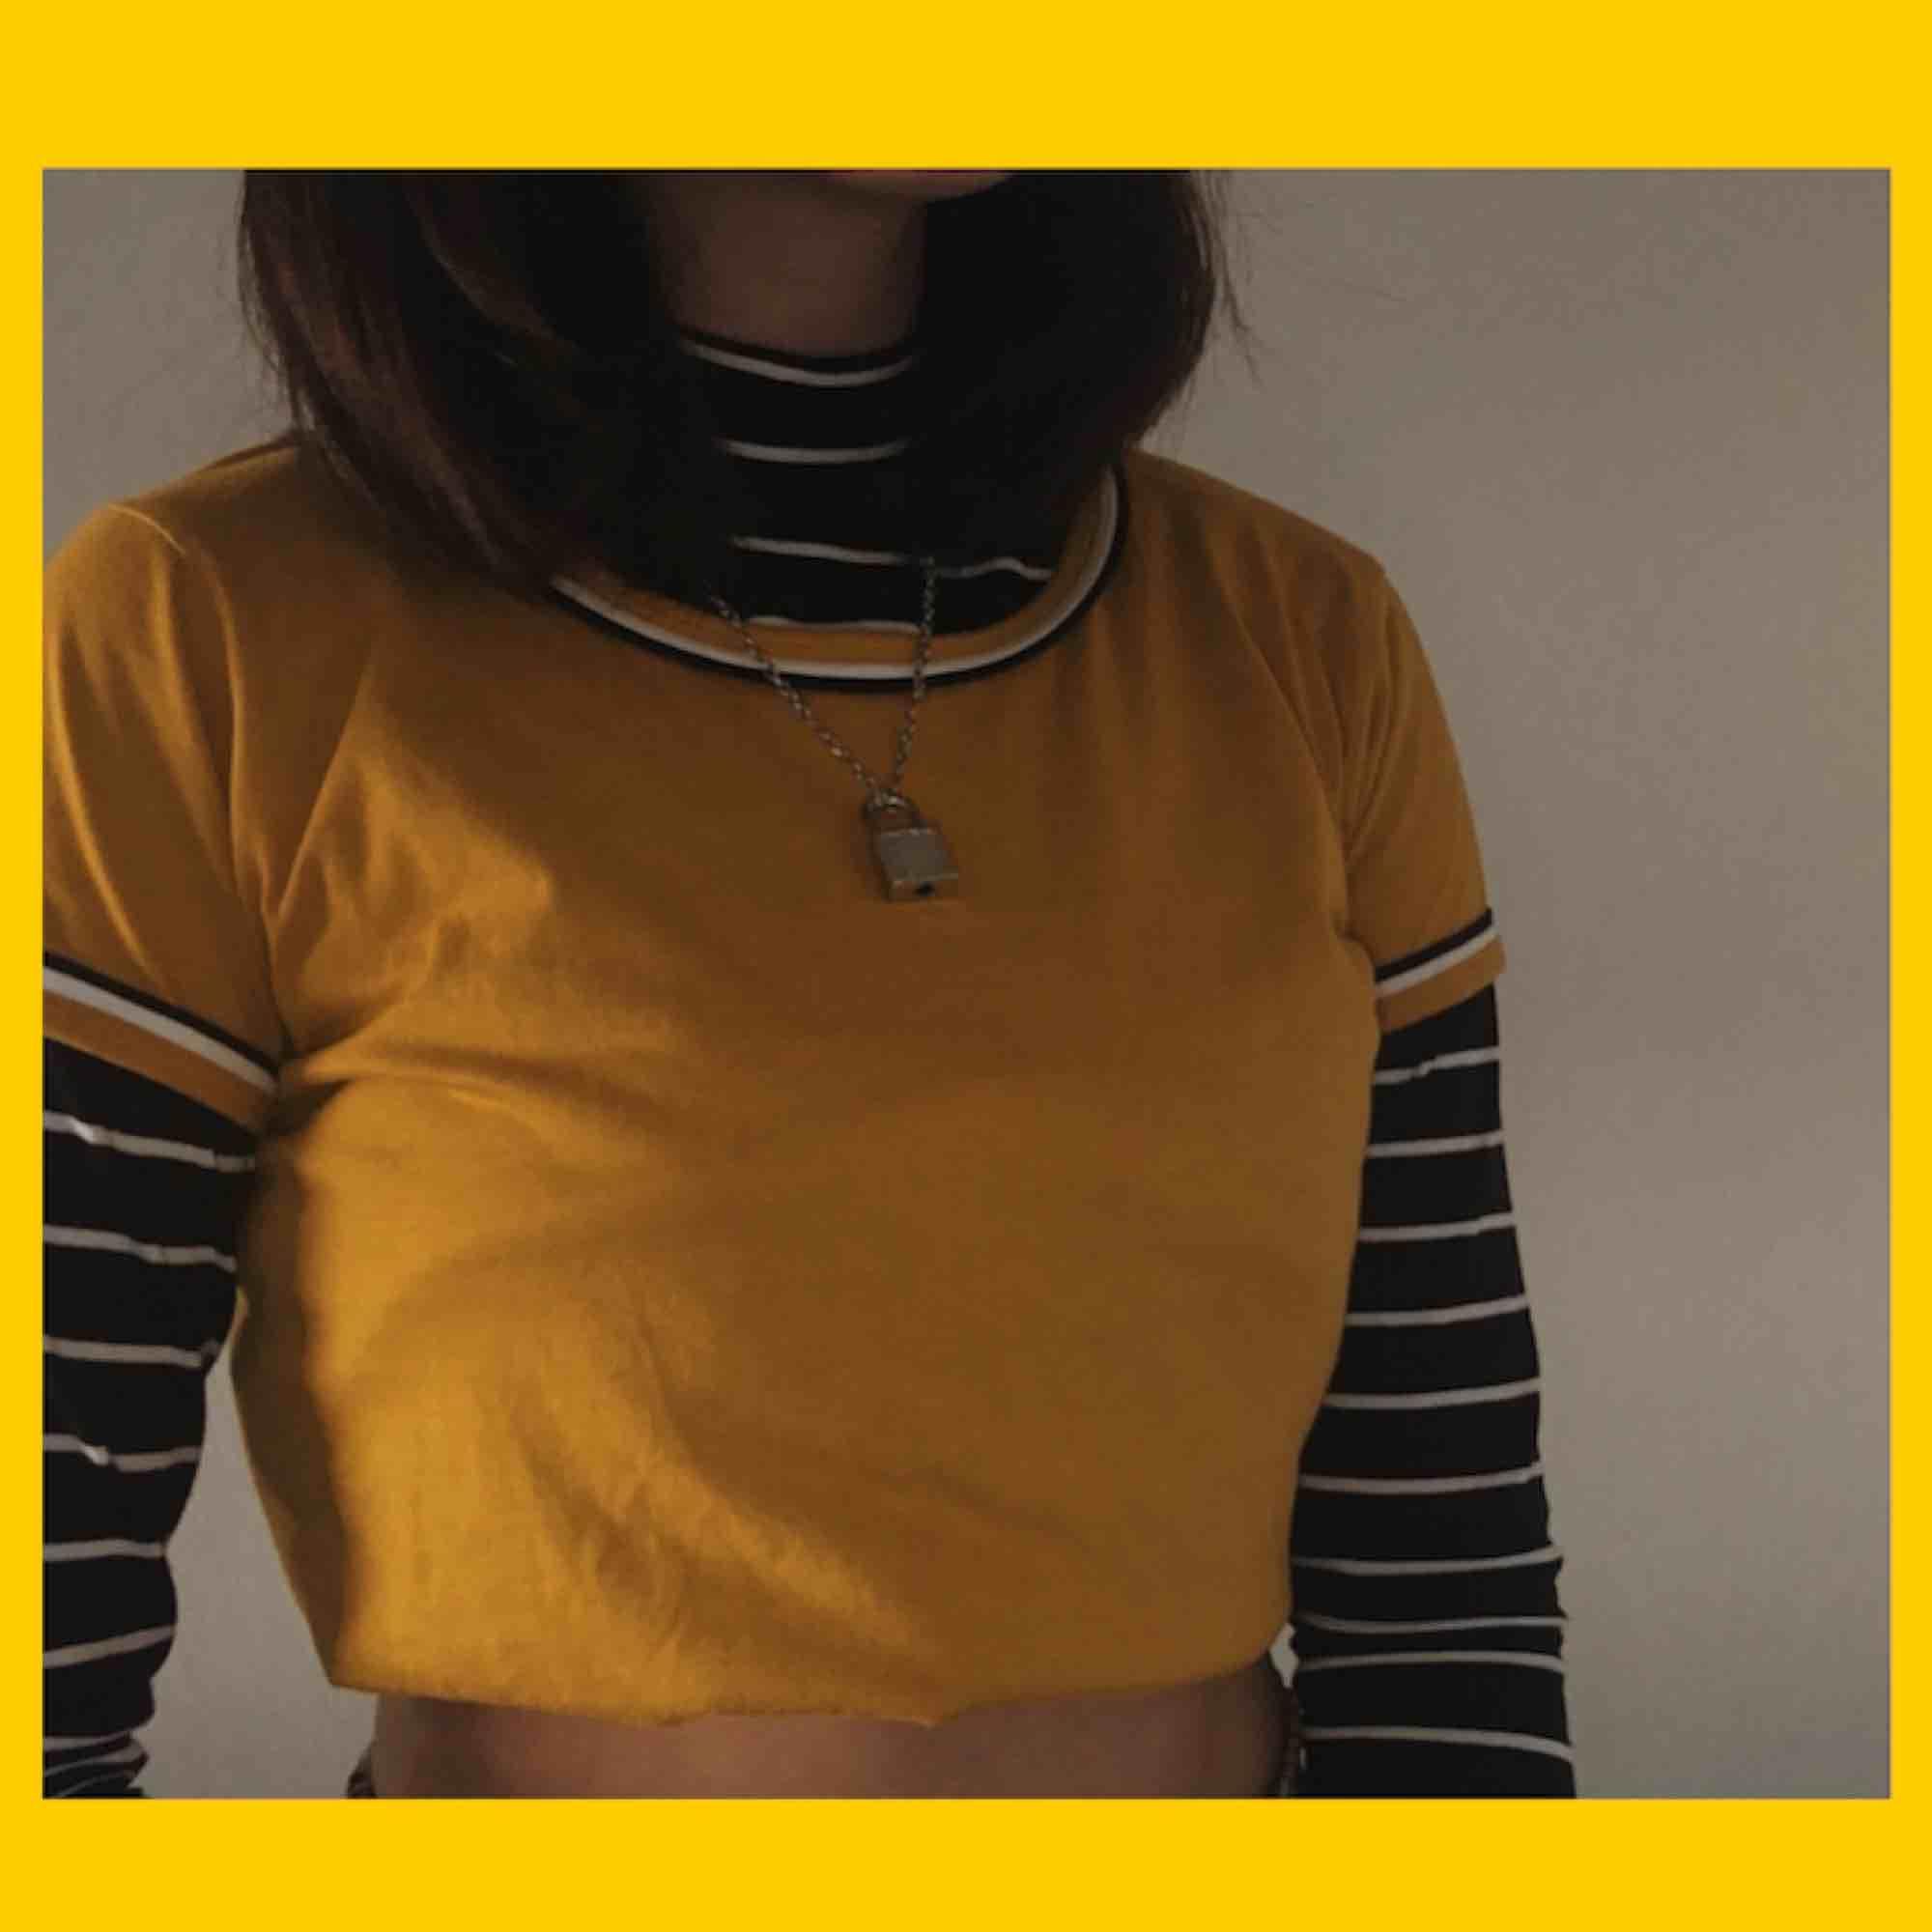 gullig tshirt från märket sisters point, älskar de små detaljerna på kragen och ärmarna! inte min stil så bestämde mig för att sälja den :( den har inte använts så mycket så den har inga skador! frakt är inräknat!. T-shirts.